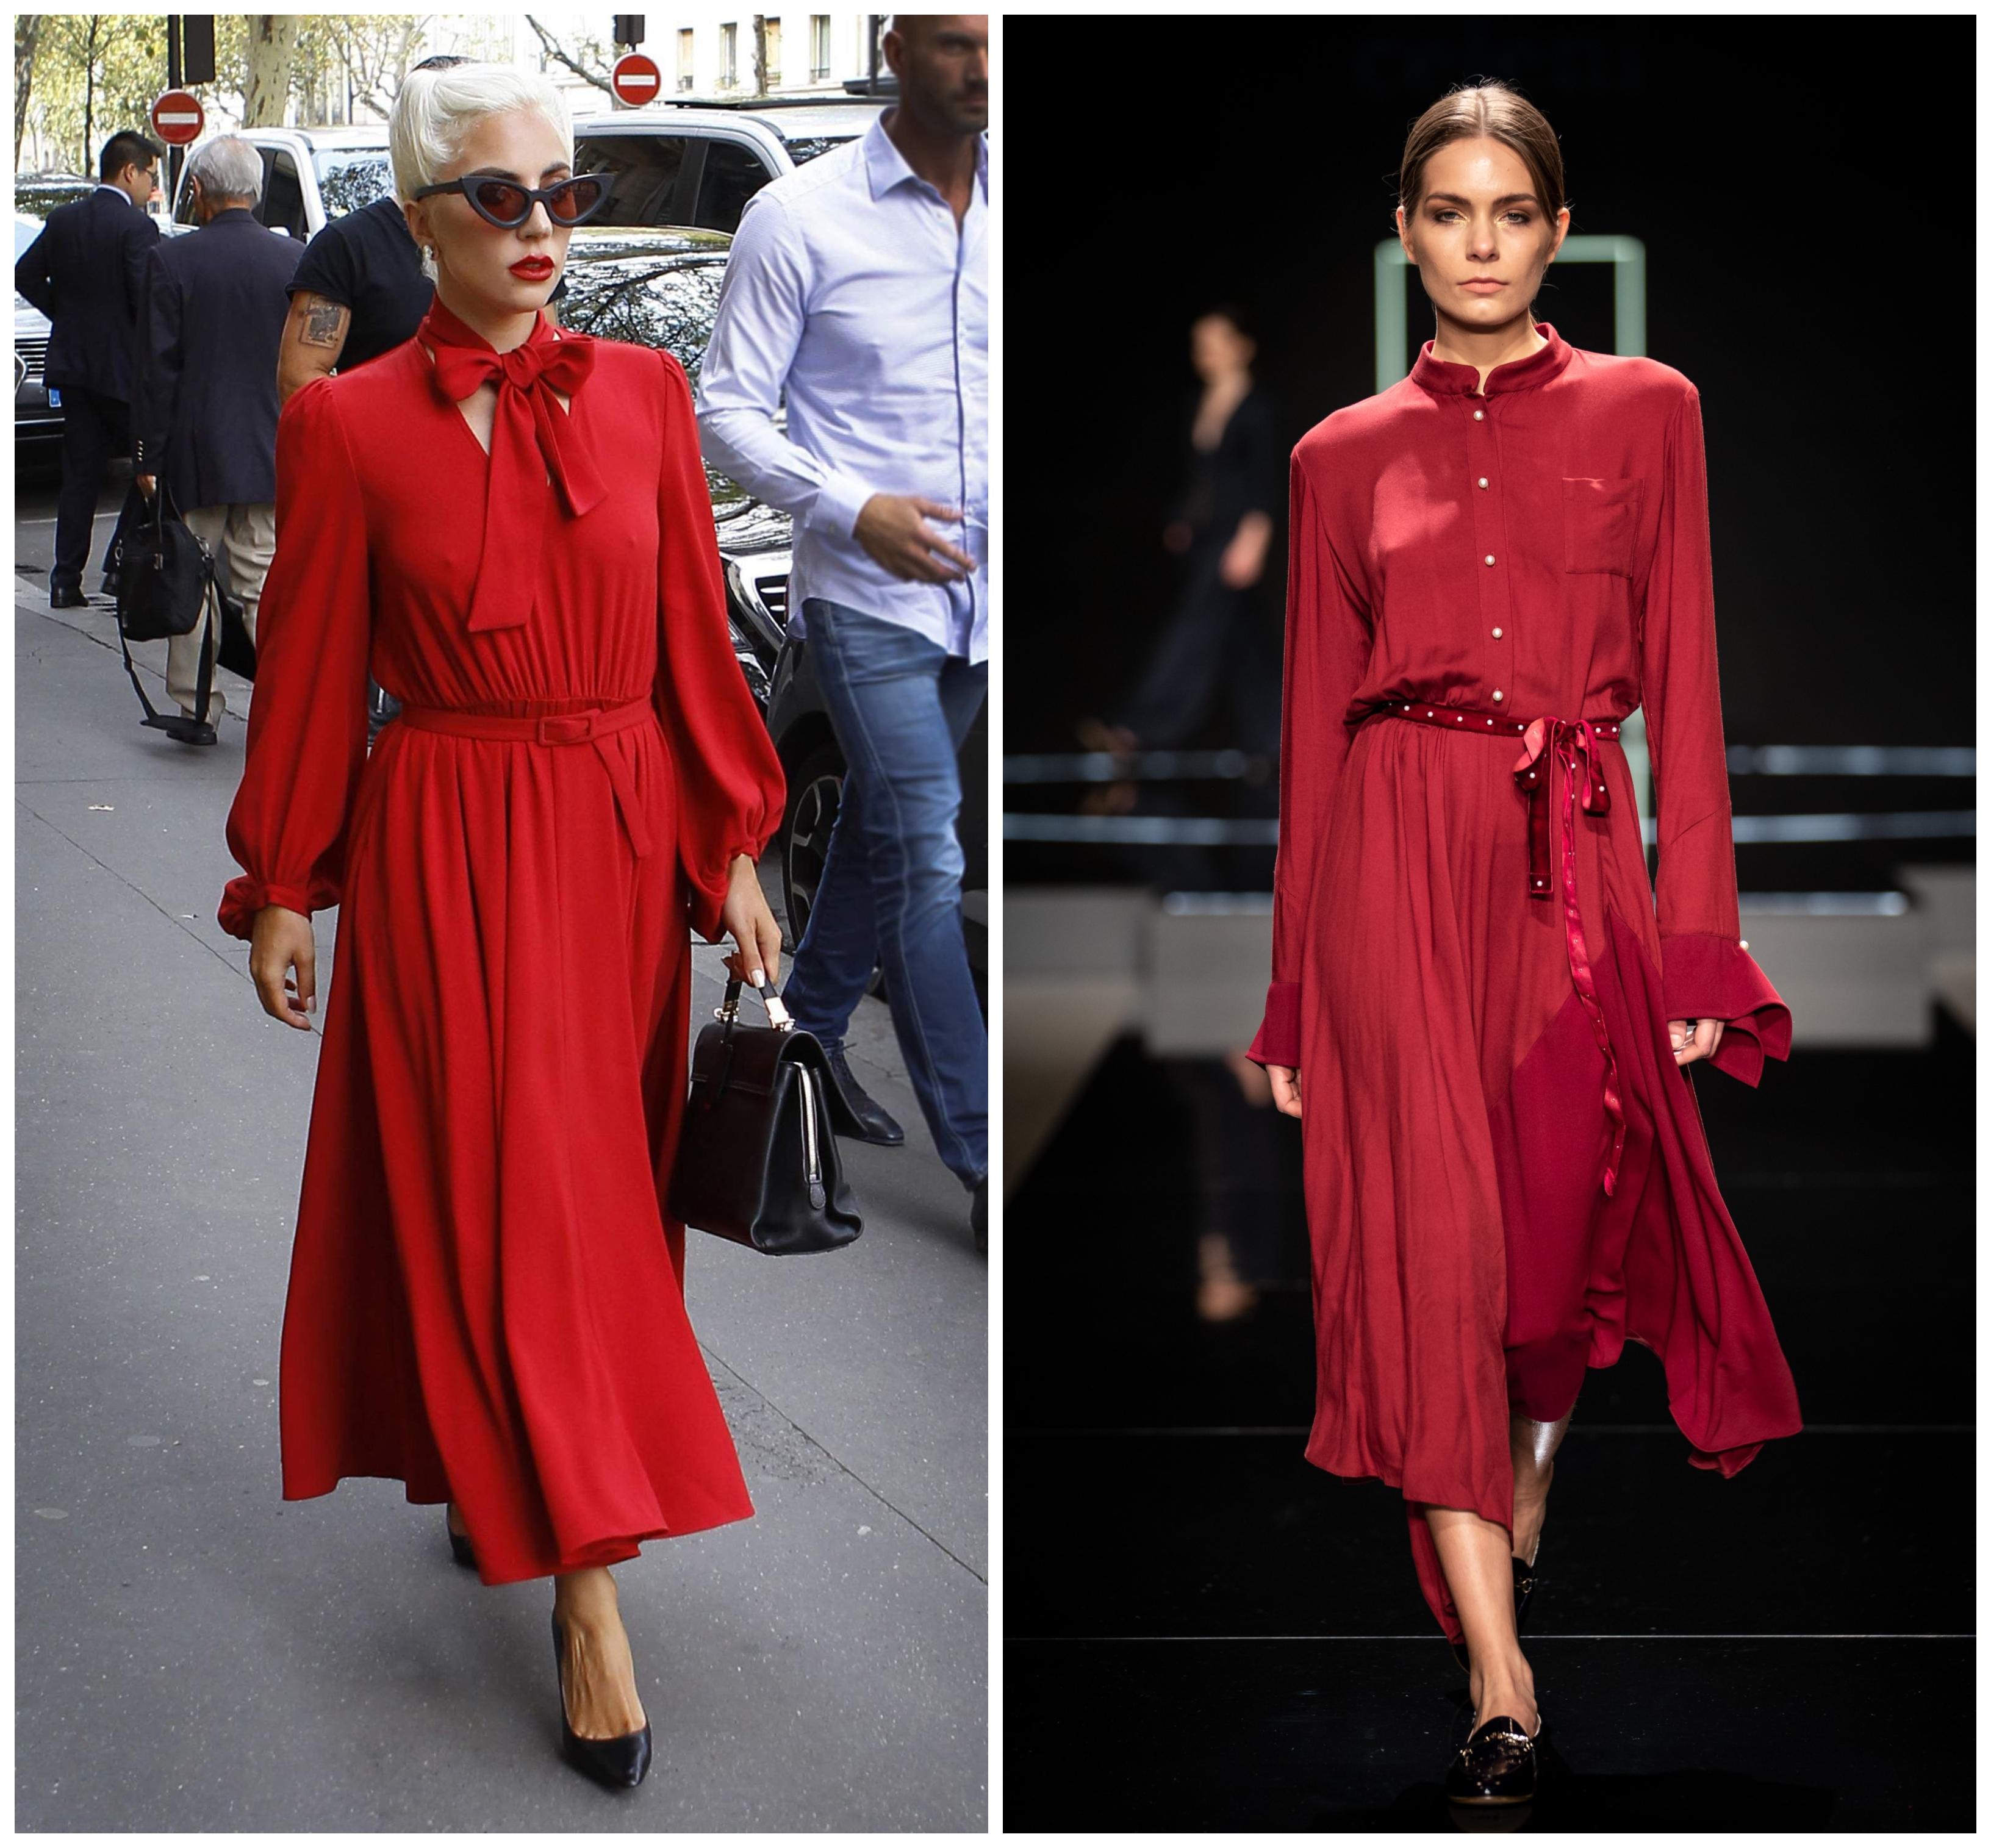 Ki viselte jobban a pirosat? Lady Gaga vagy a Celeni modellje? Az biztos, hogy mindkét ruha gyönyörű - és egy kis masnival a derékon vagy a nyakvonalon annyira szépen fel lehet dobni!